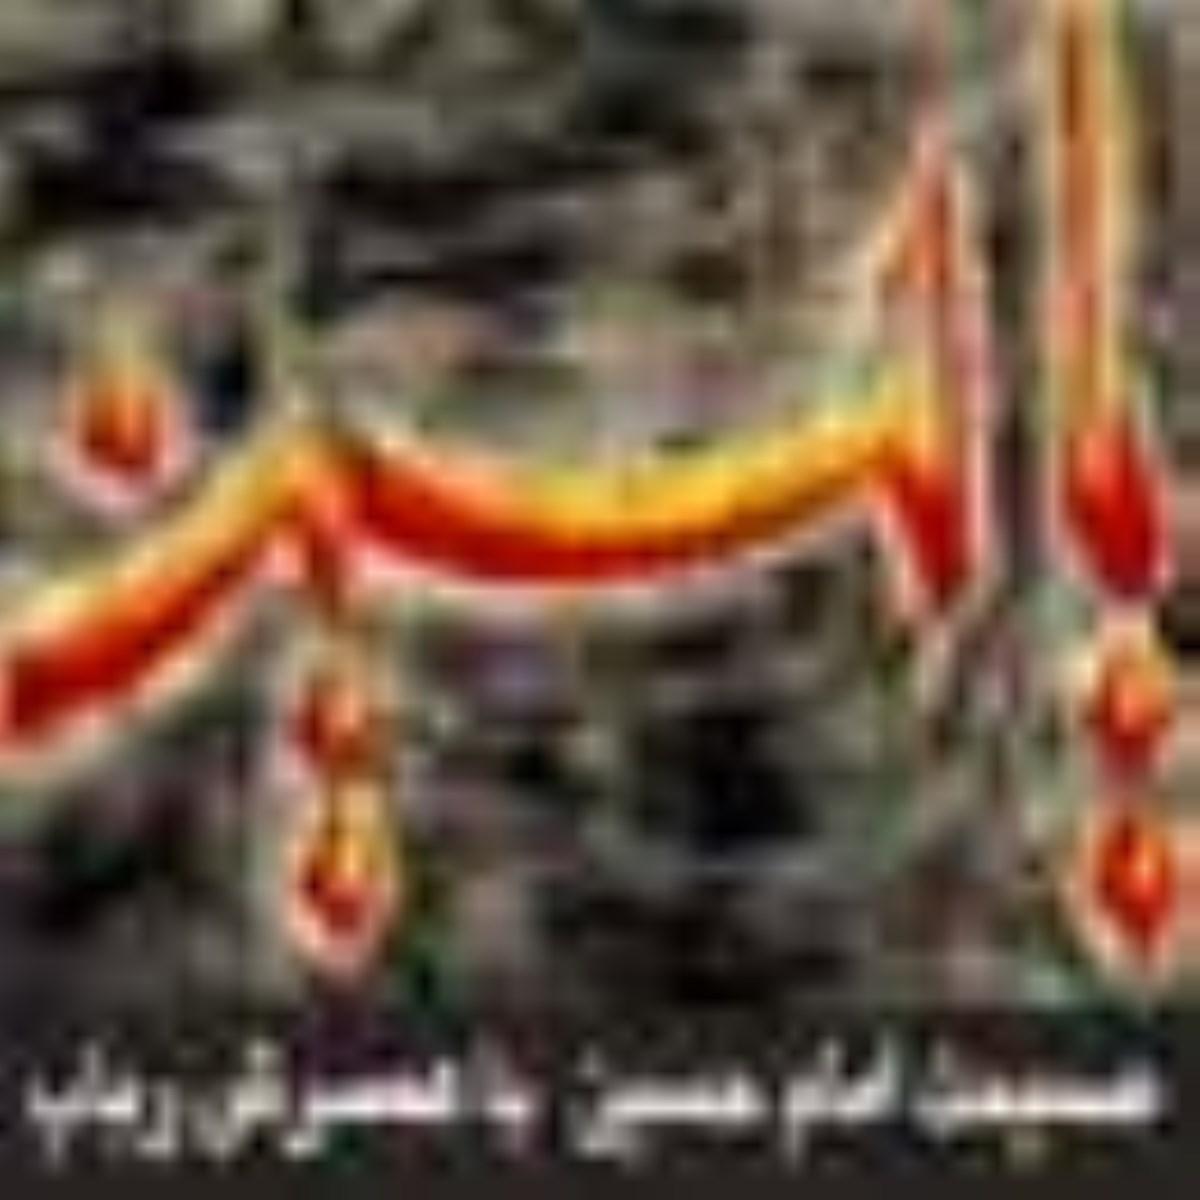 صمیمیت امام حسين(علیه السلام) با همسرش «رباب»